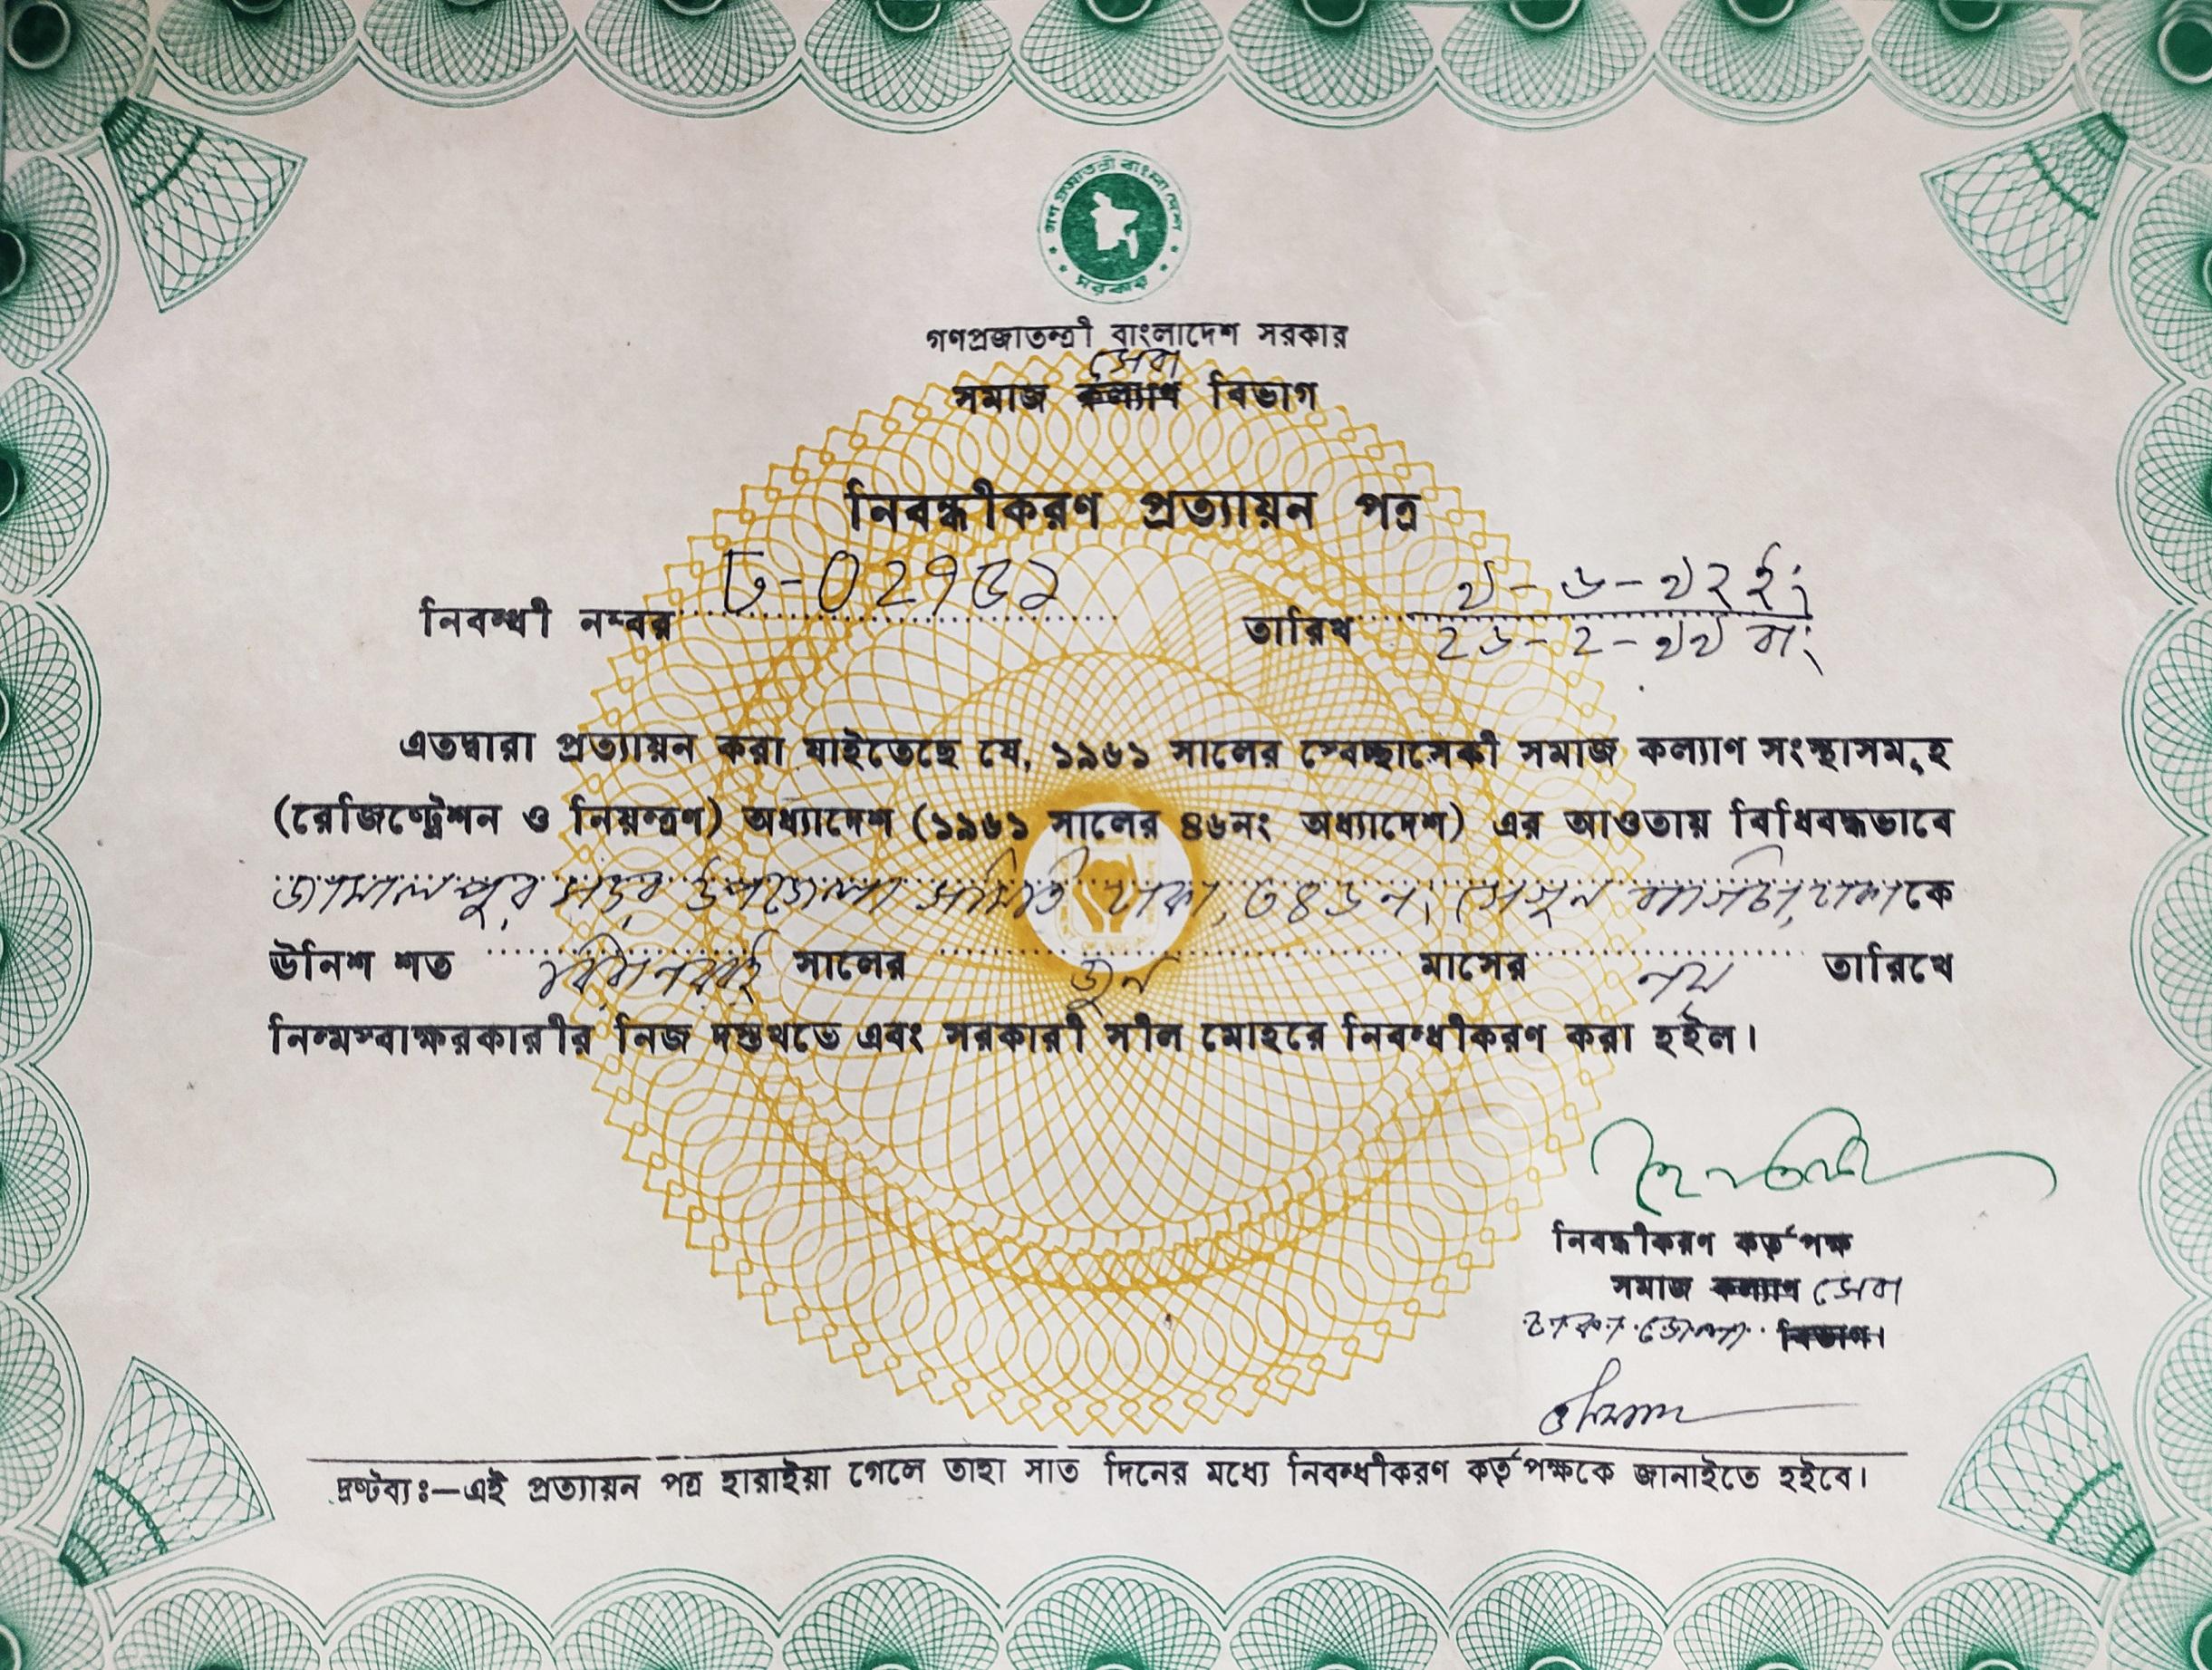 সনদ পত্র জামালপুর সদর উপজেলা সমিতি, ঢাকা